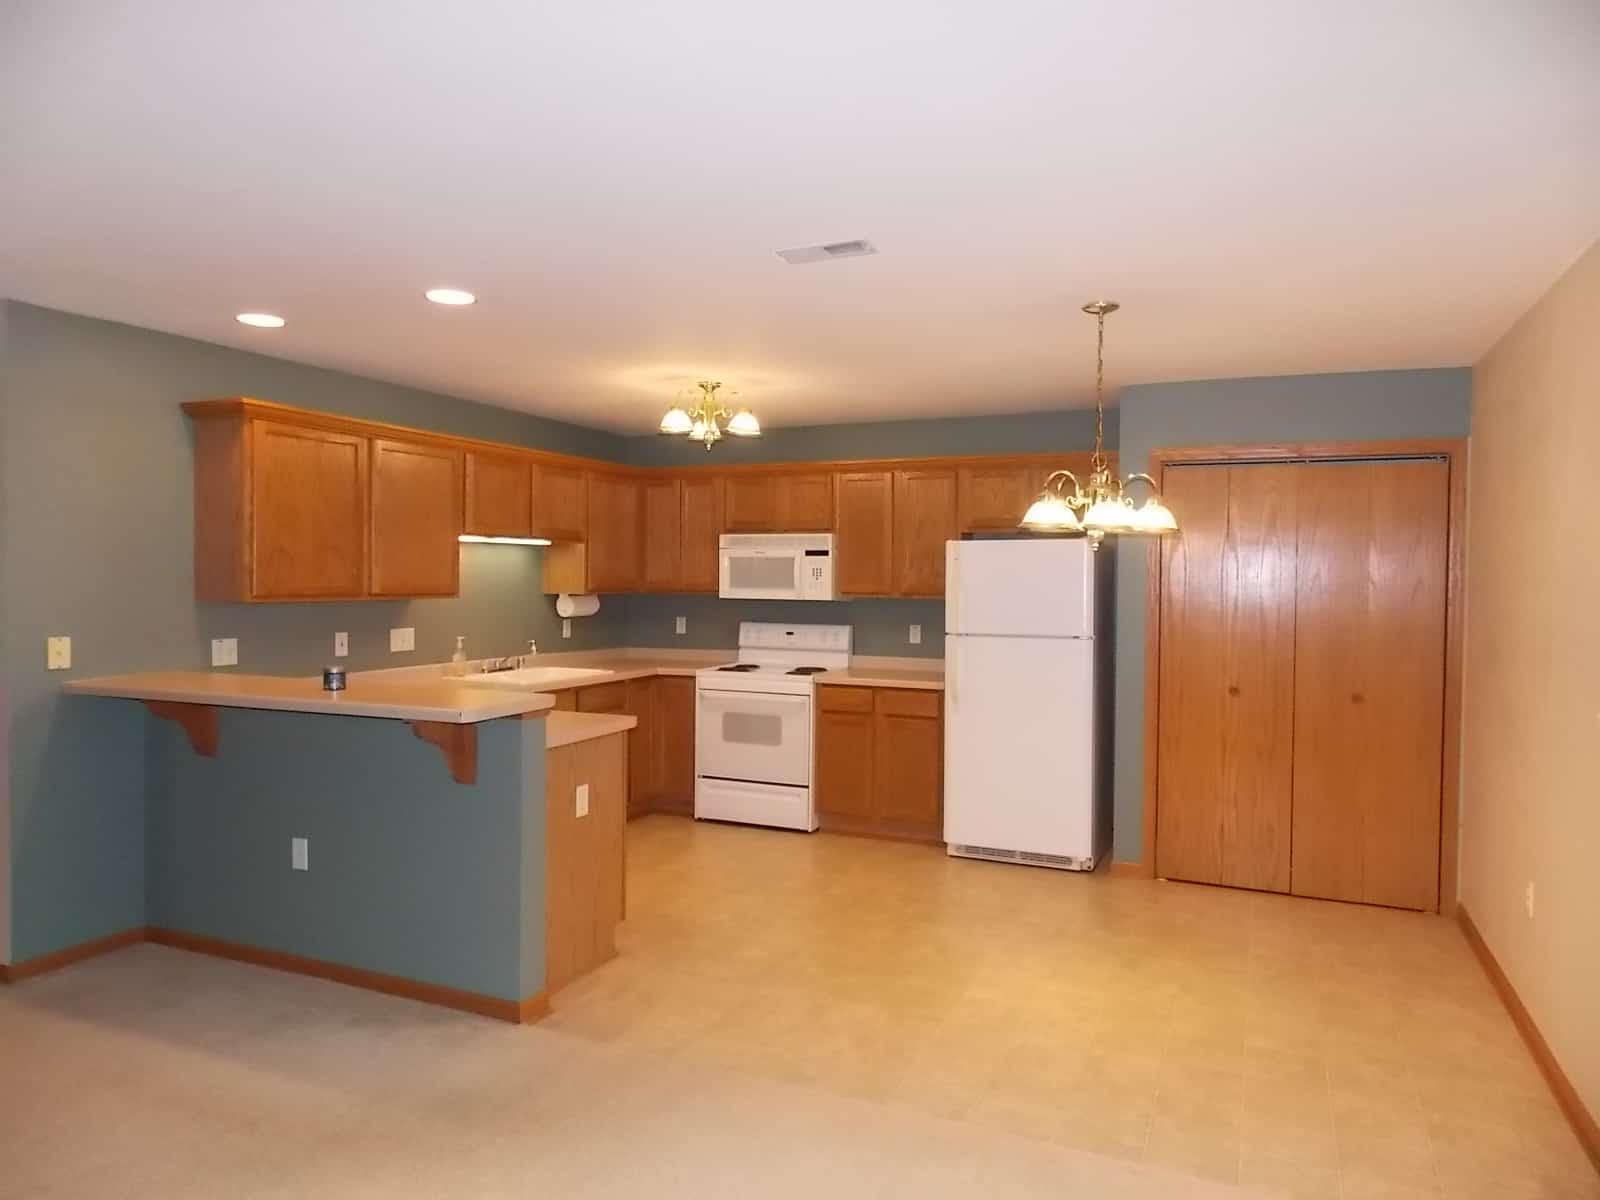 spacious kitchen in Delavan, WI condo